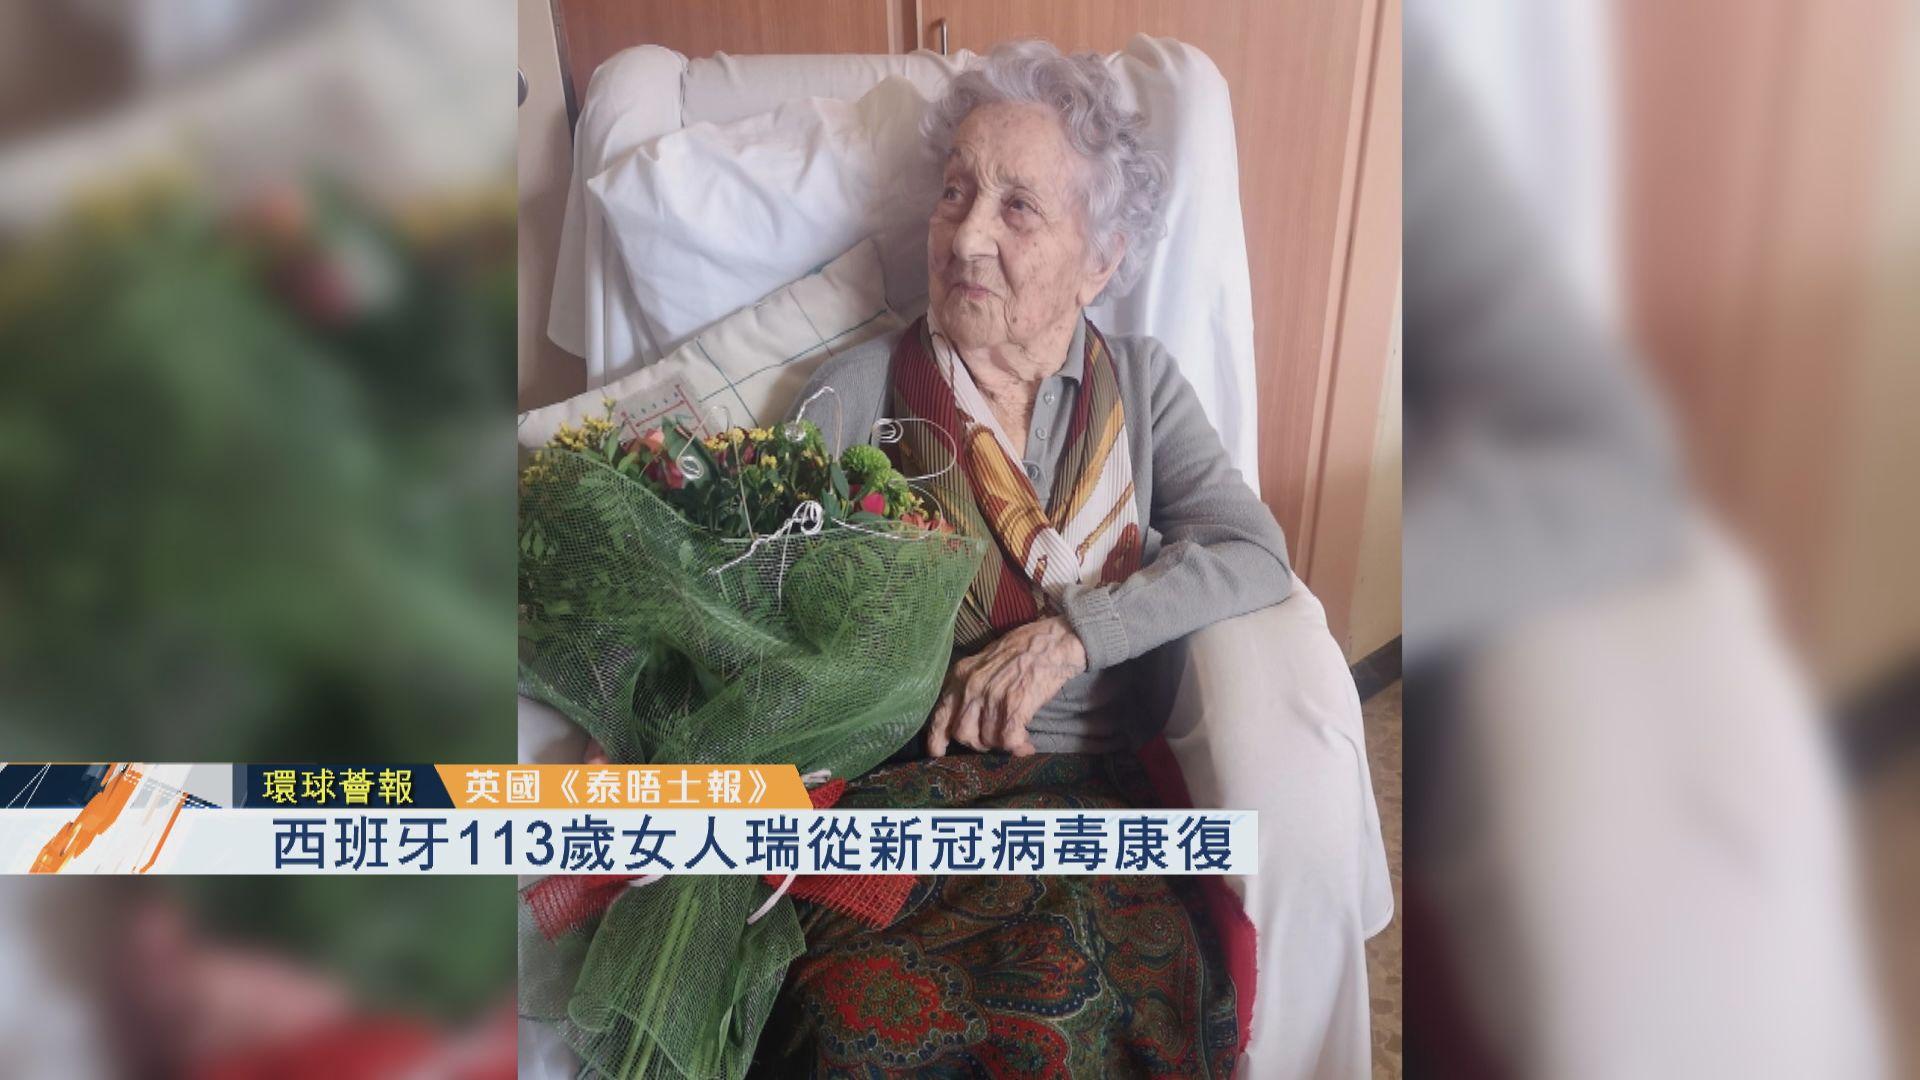 【環球薈報】西班牙113歲女人瑞從新冠病毒康復